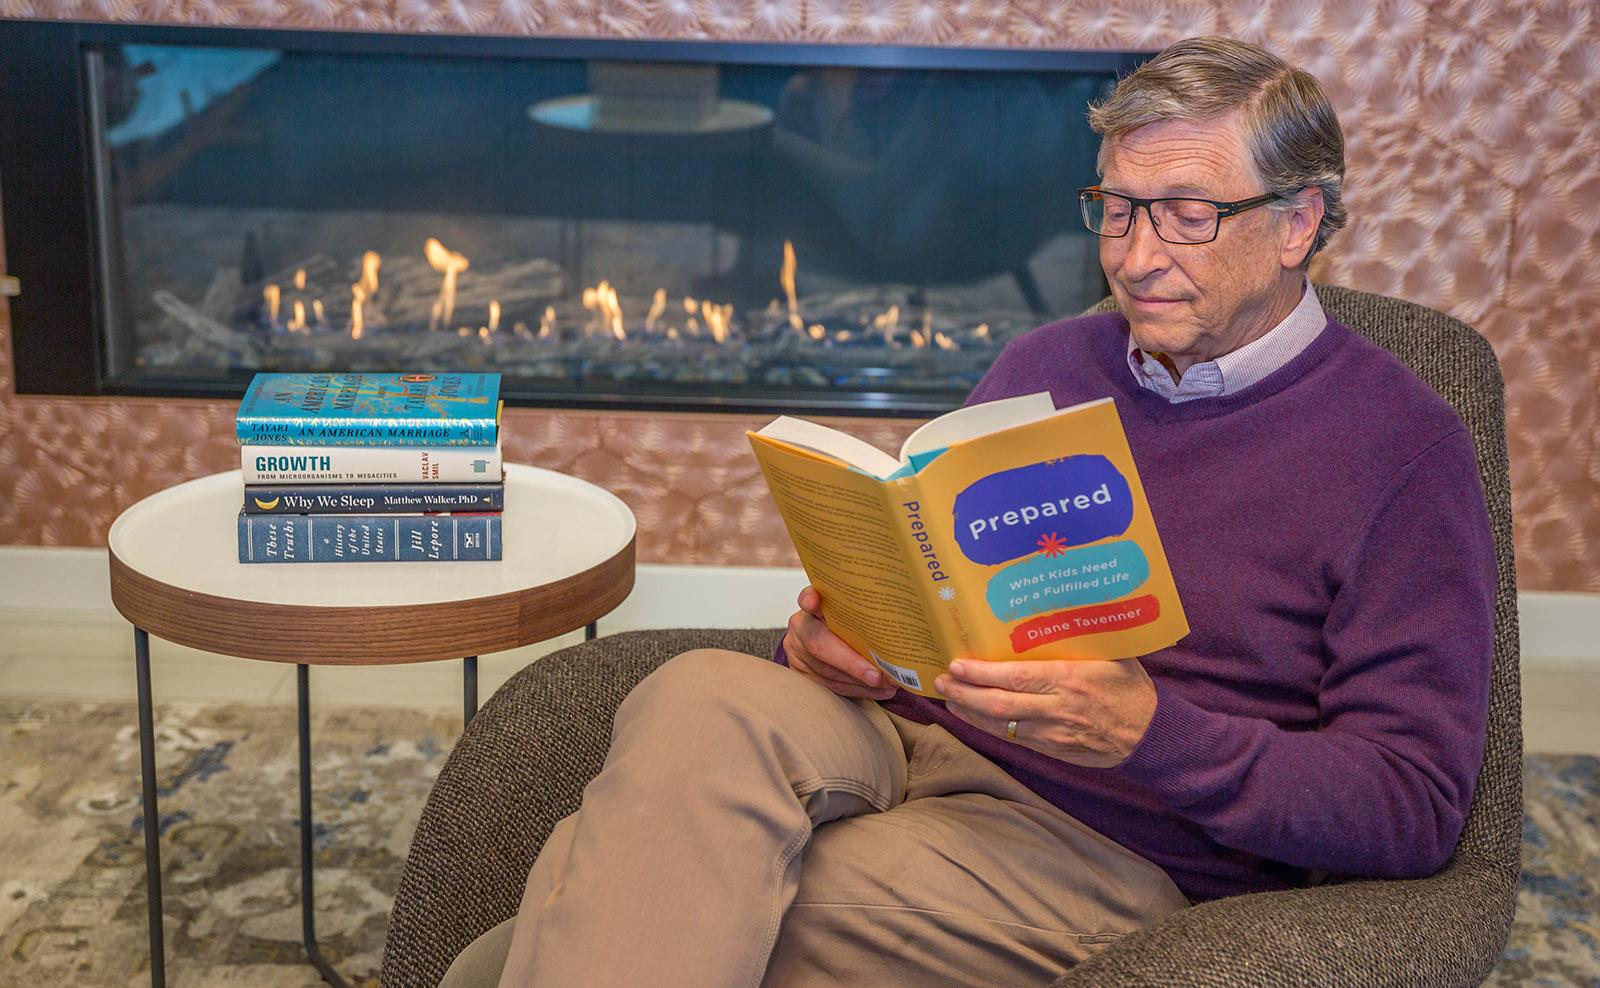 5 livros incríveis indicados por Bill Gates em 2020